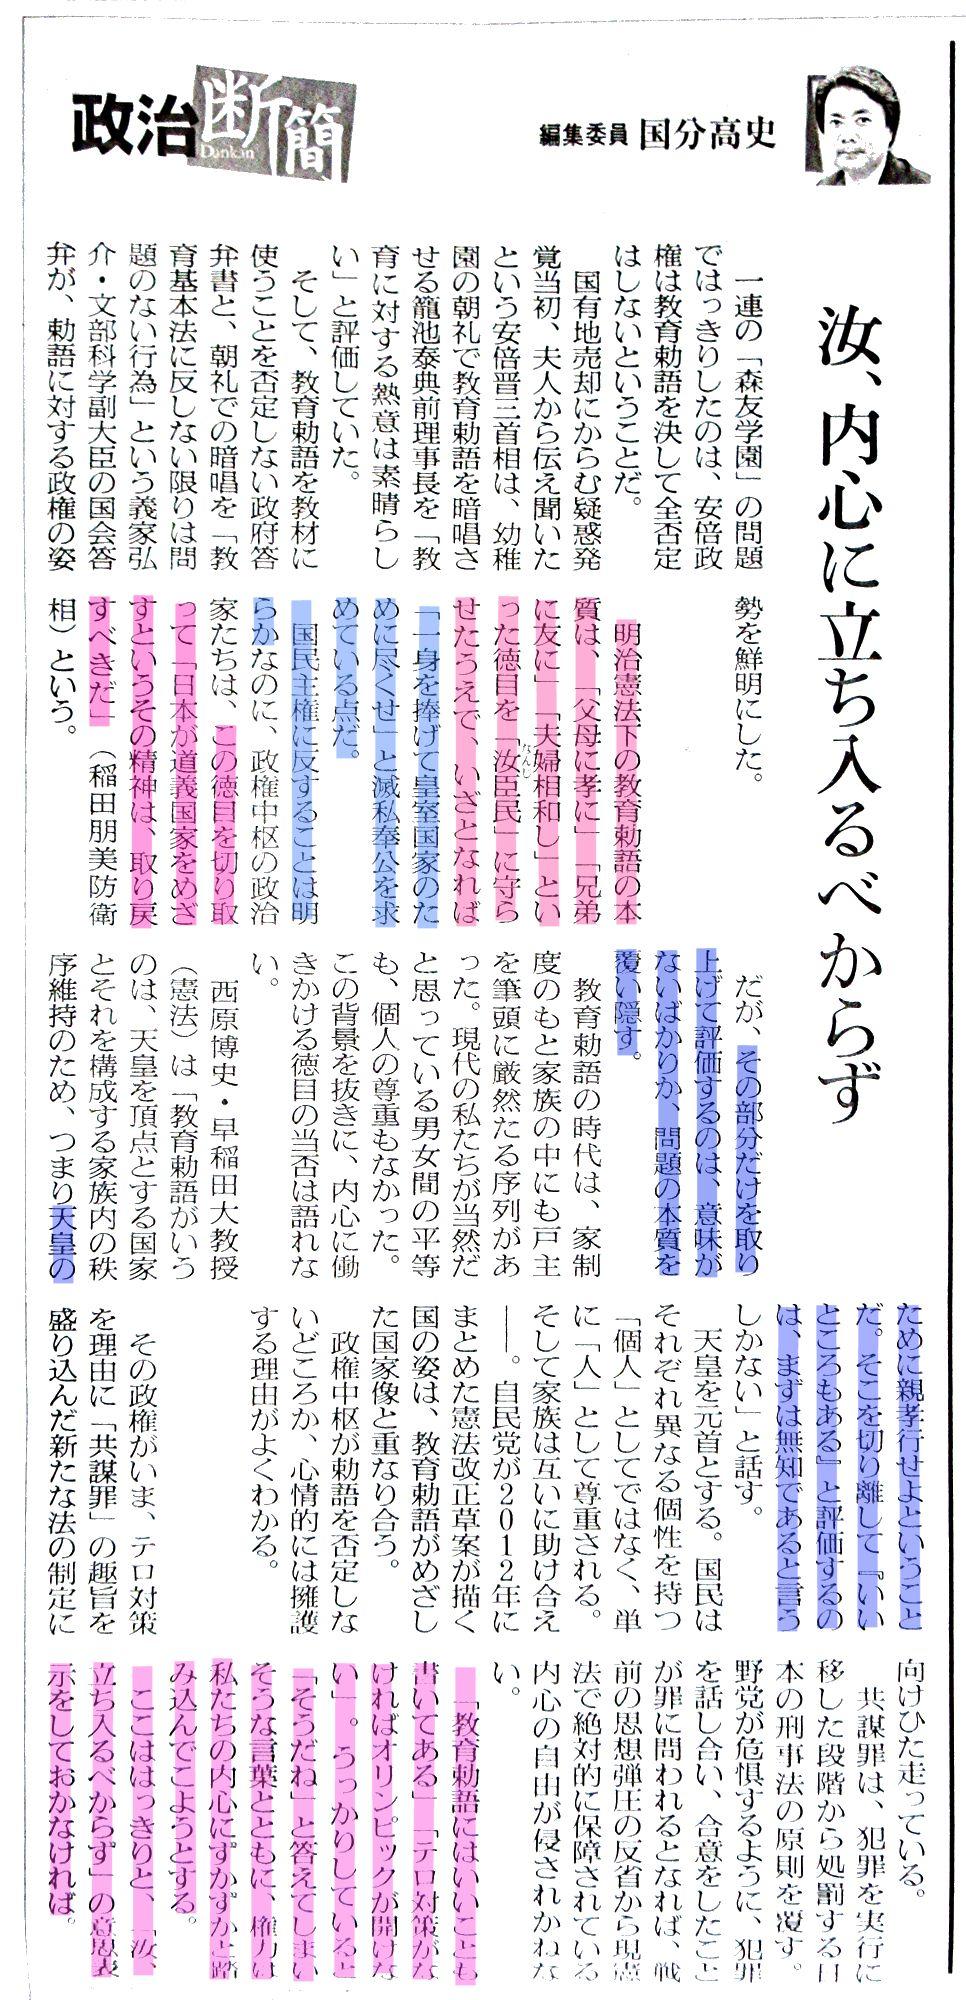 画像29(朝日新聞「政治の断簡」)